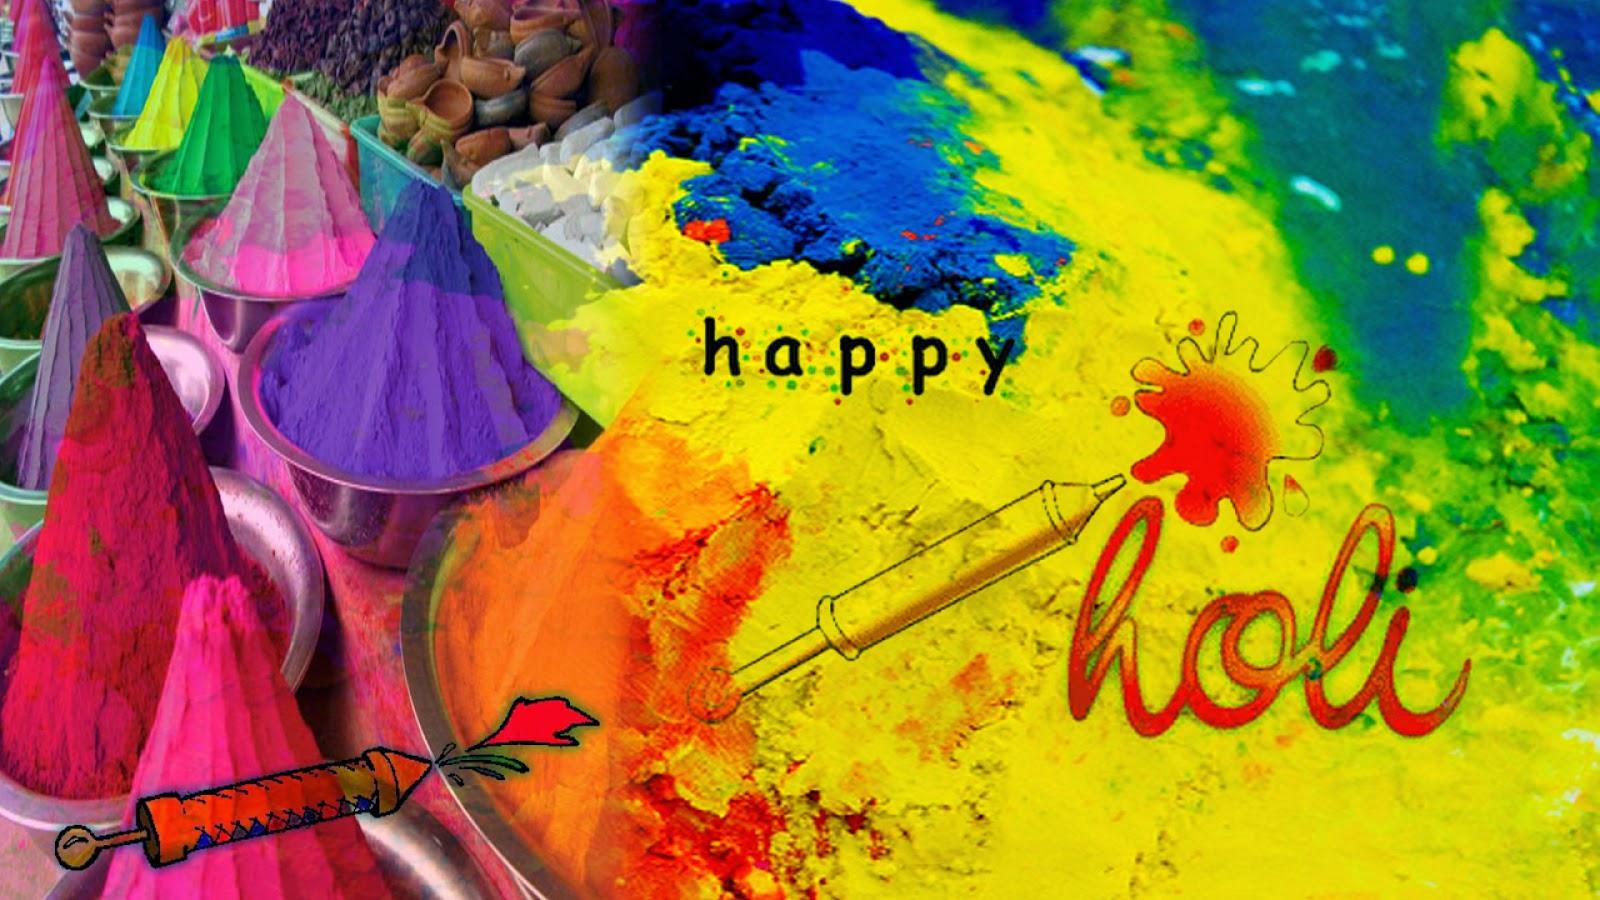 Dhulandi   Rangpanchami   Basant Utsav   Kaman Pandigai   Phagu Purnima HD Large Size Wallpapers Happy Holi 2014